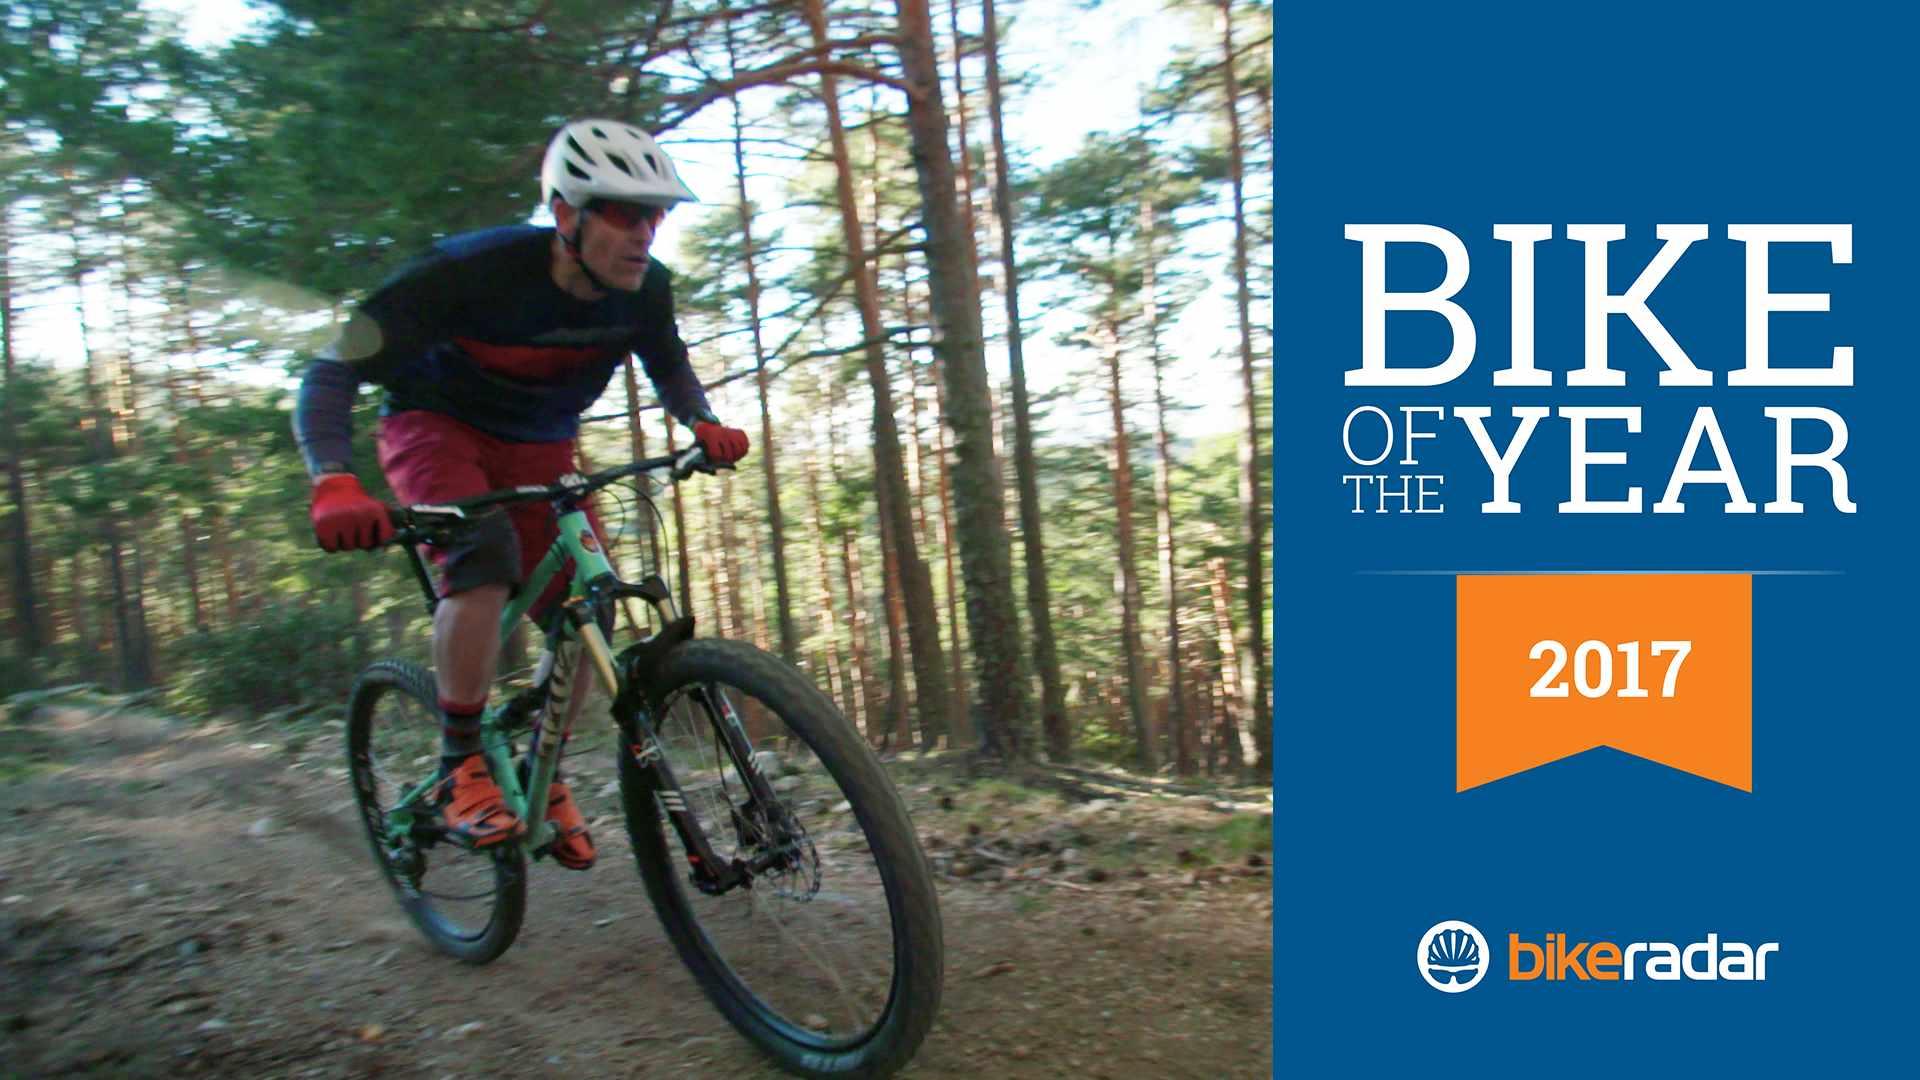 Bike of the Year 2017